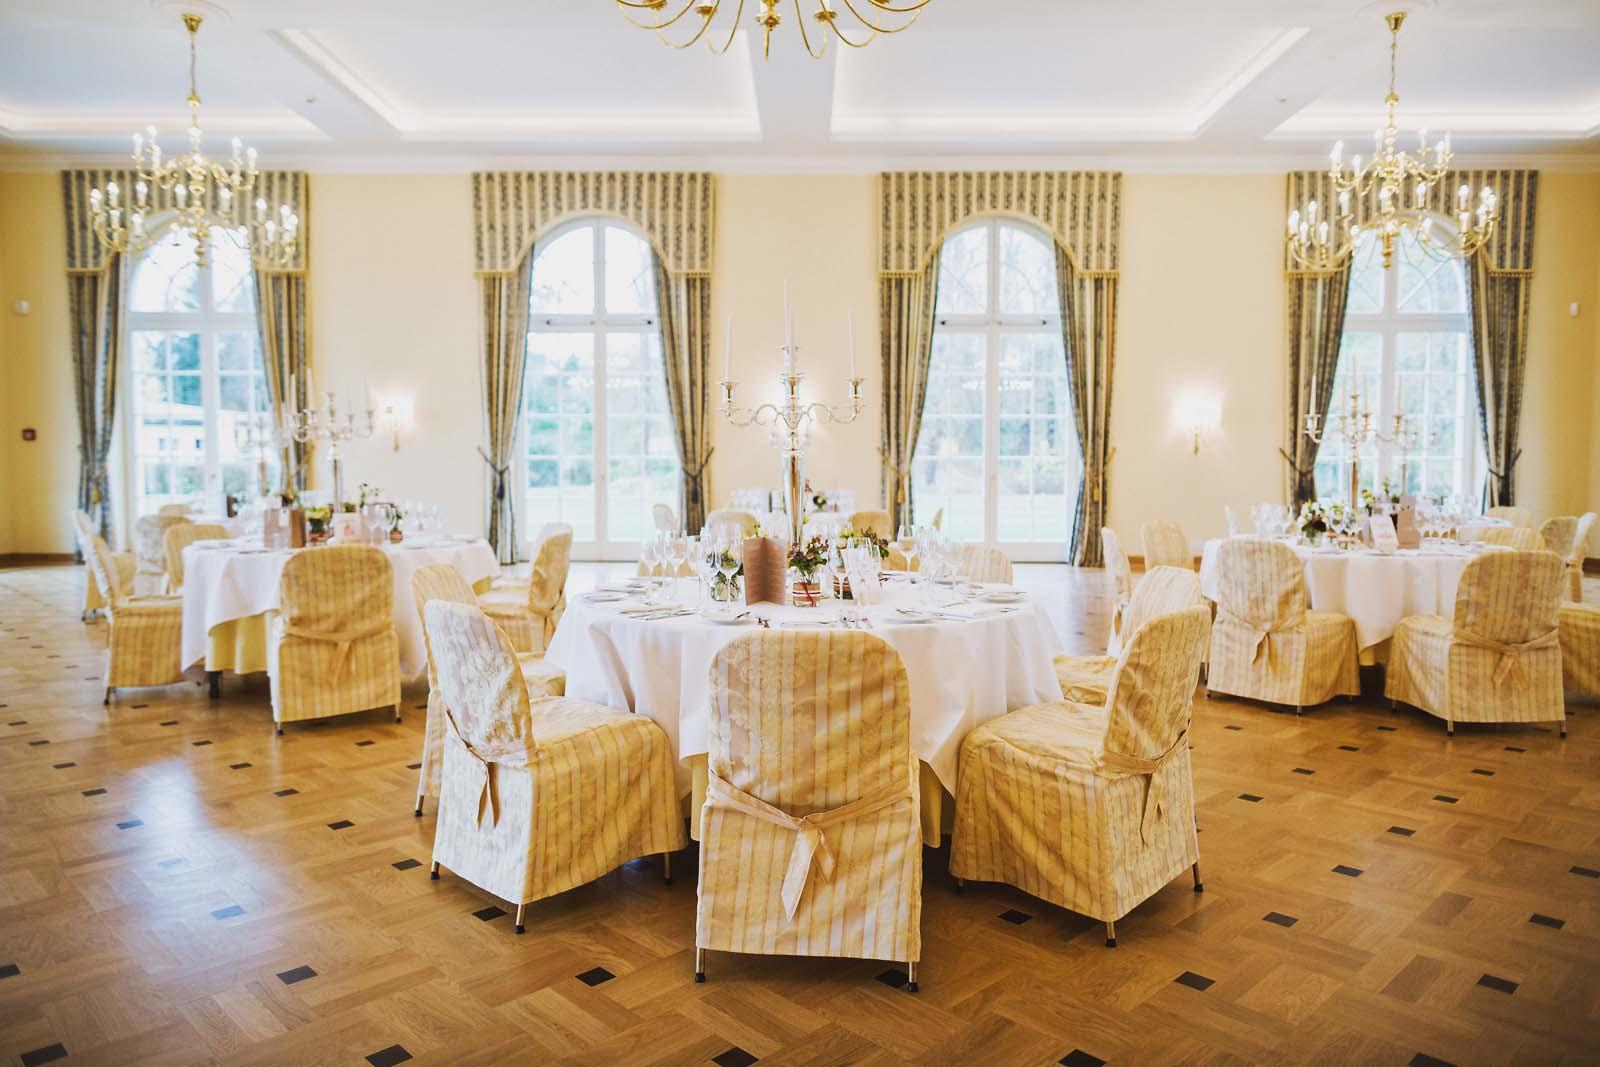 Dekorierter Saal im Schloss Luebbenau anlaesslich einer Hochzeit Copyright by Hochzeitsfotograf www.berliner-hochzeitsfotografie.de